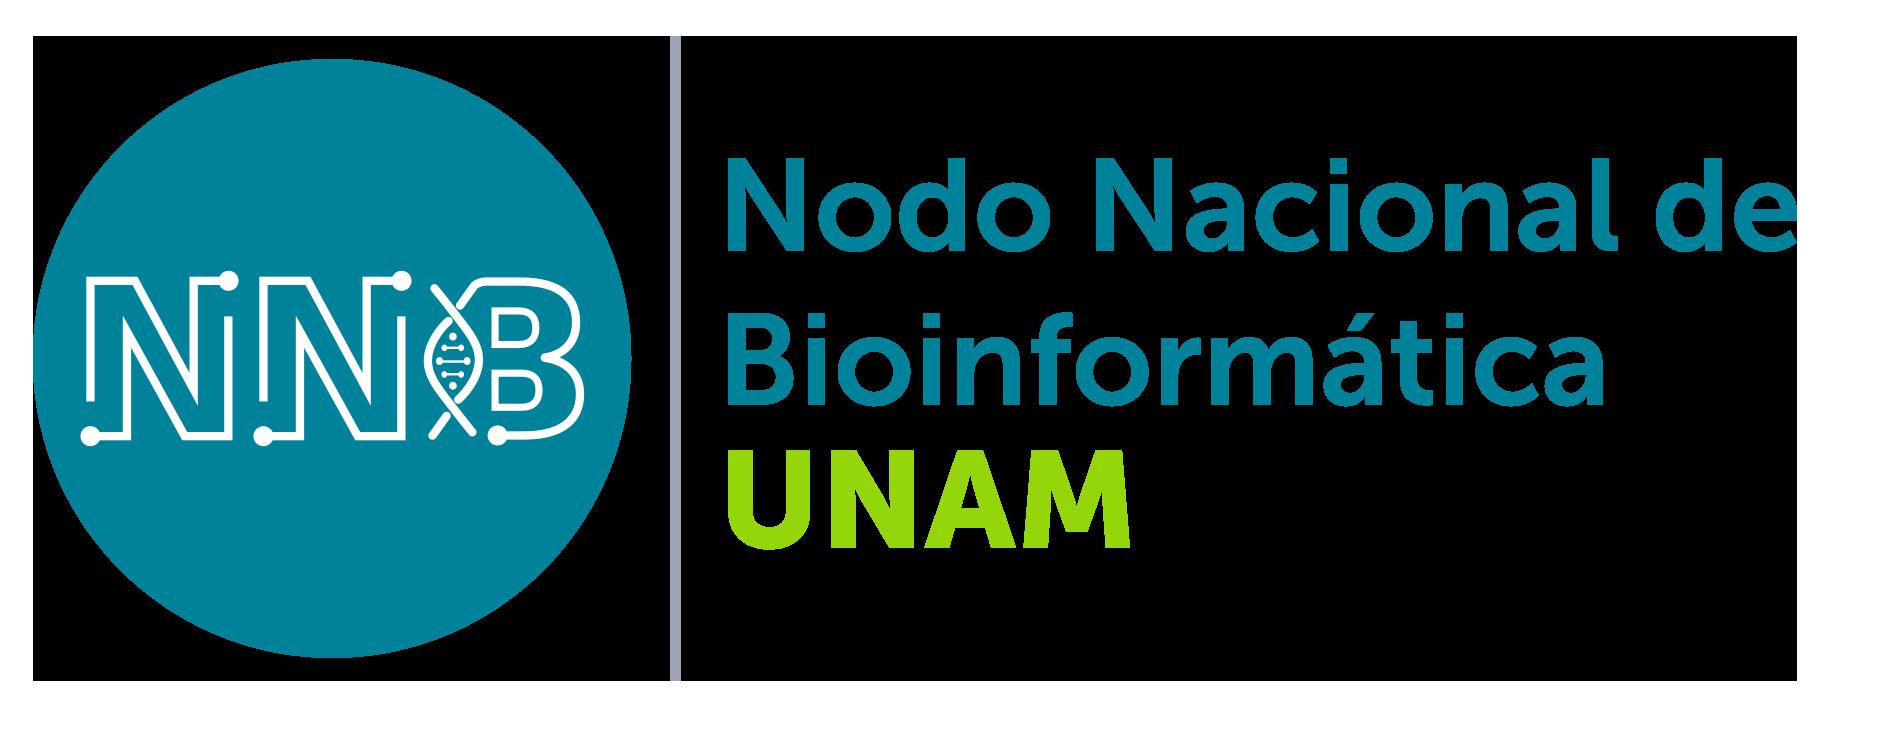 Nodo Nacional de Bioinformática